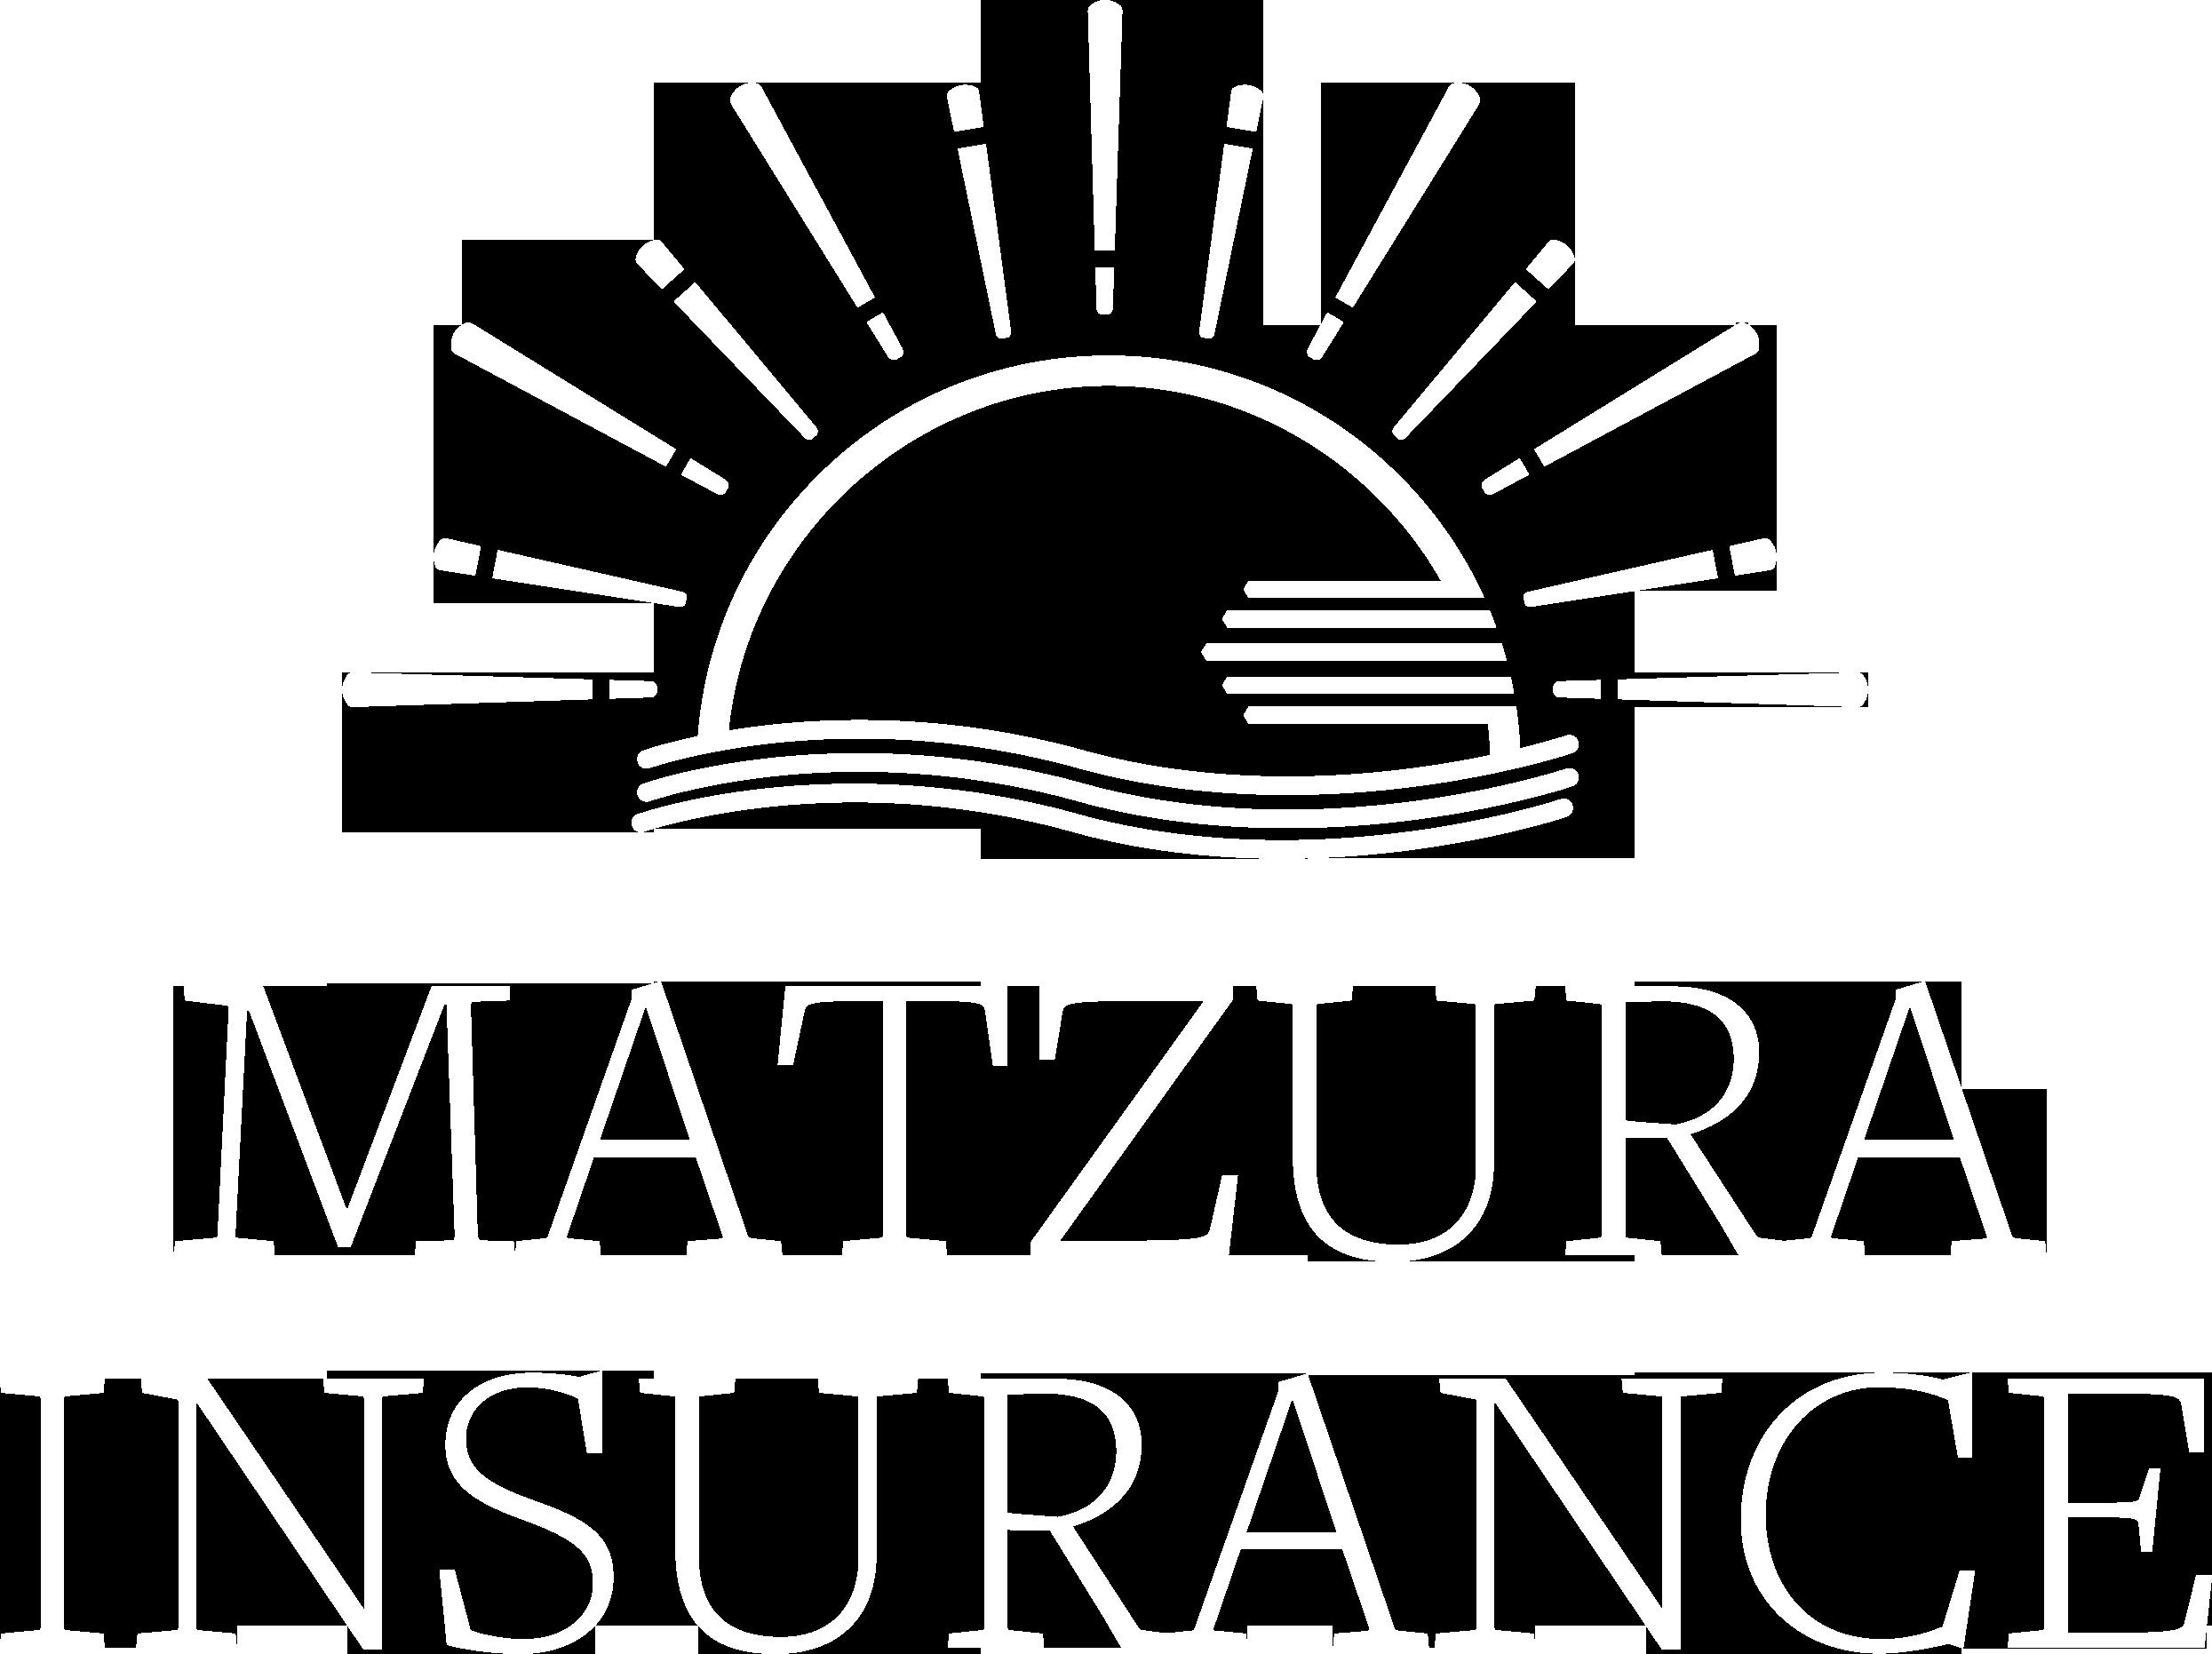 matzura_insurance_white_logo